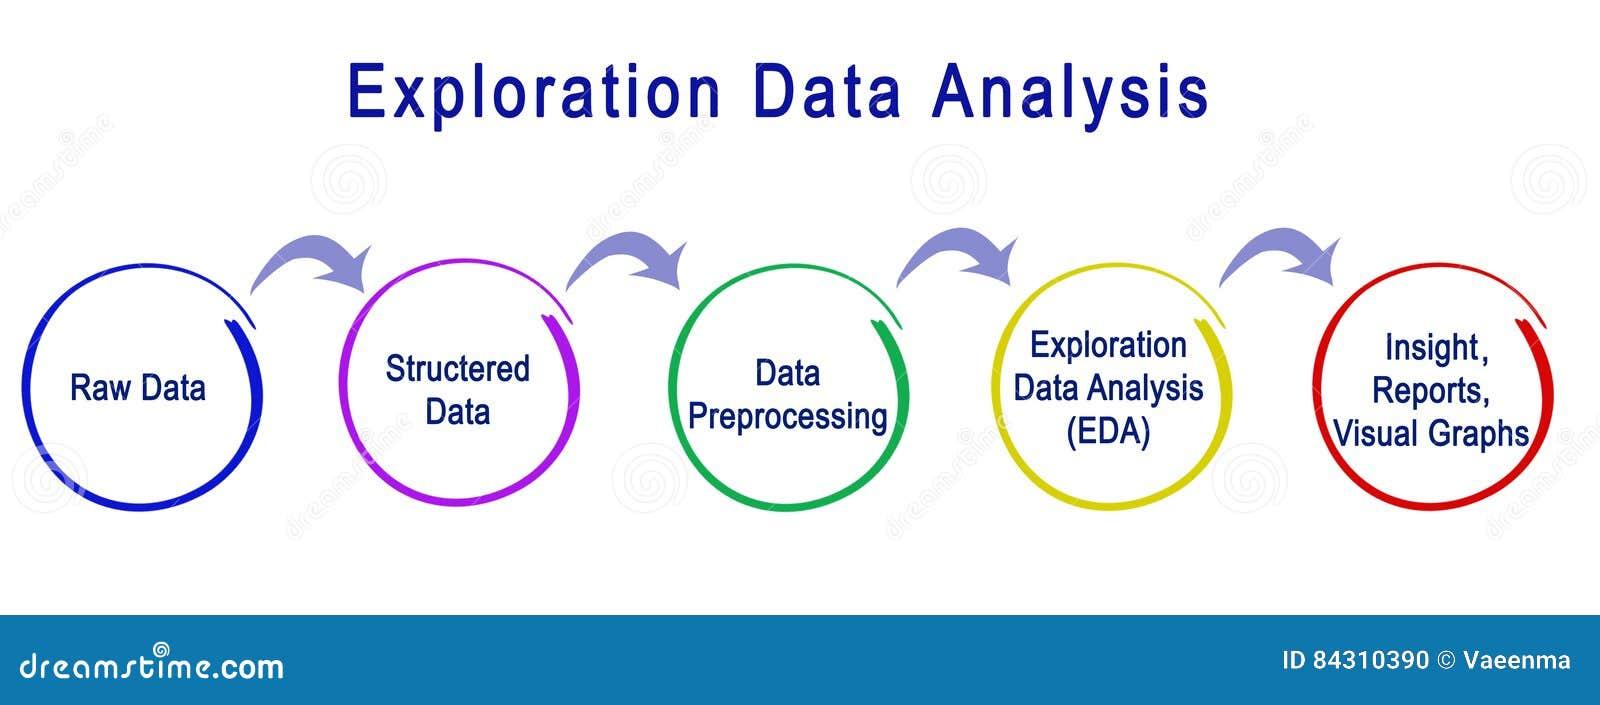 Exploration Data Analysis Stock Illustration  Illustration